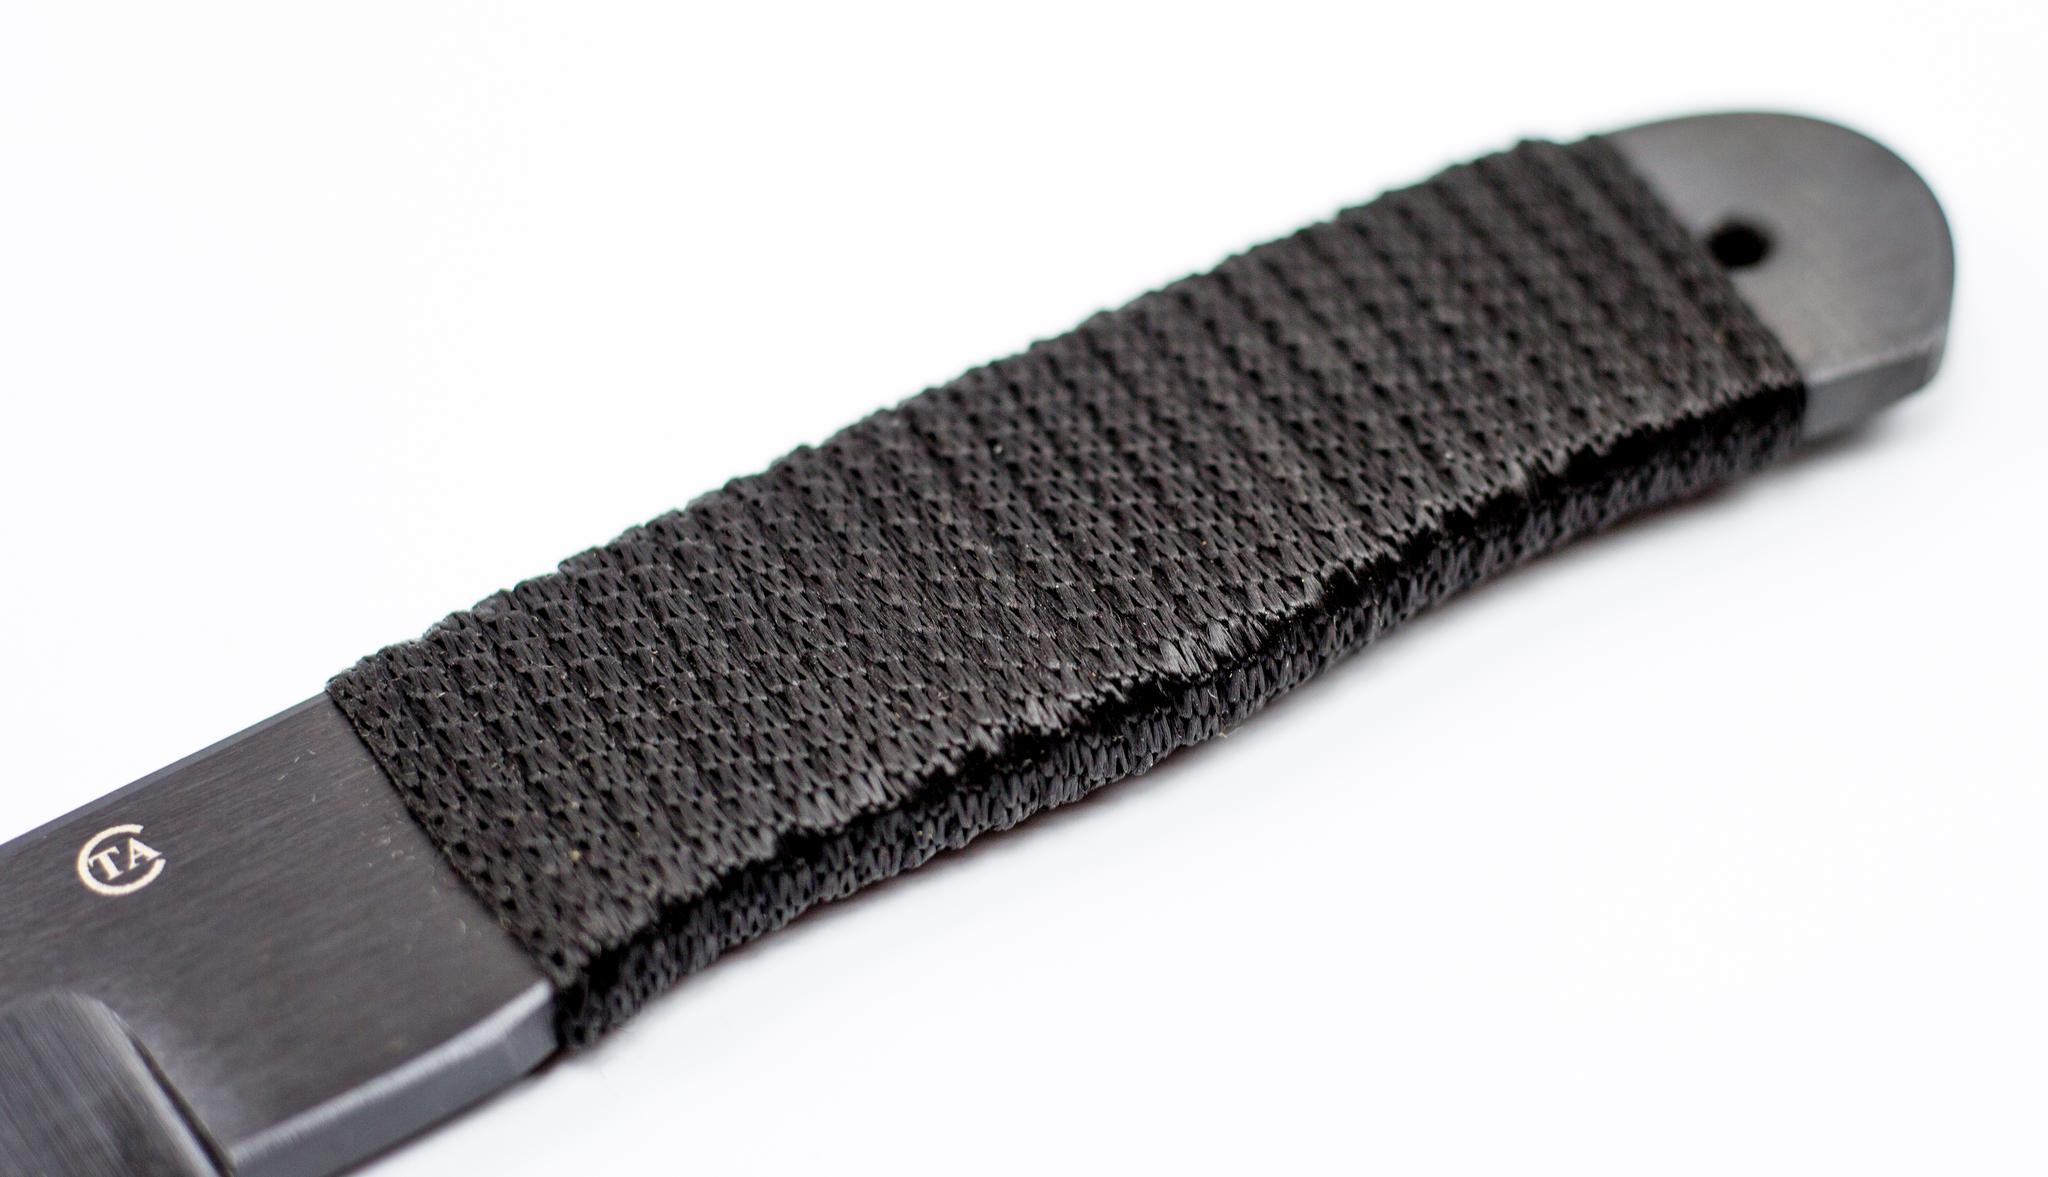 Фото 11 - Метательный нож Тайга, 65Г от Титов и Солдатова